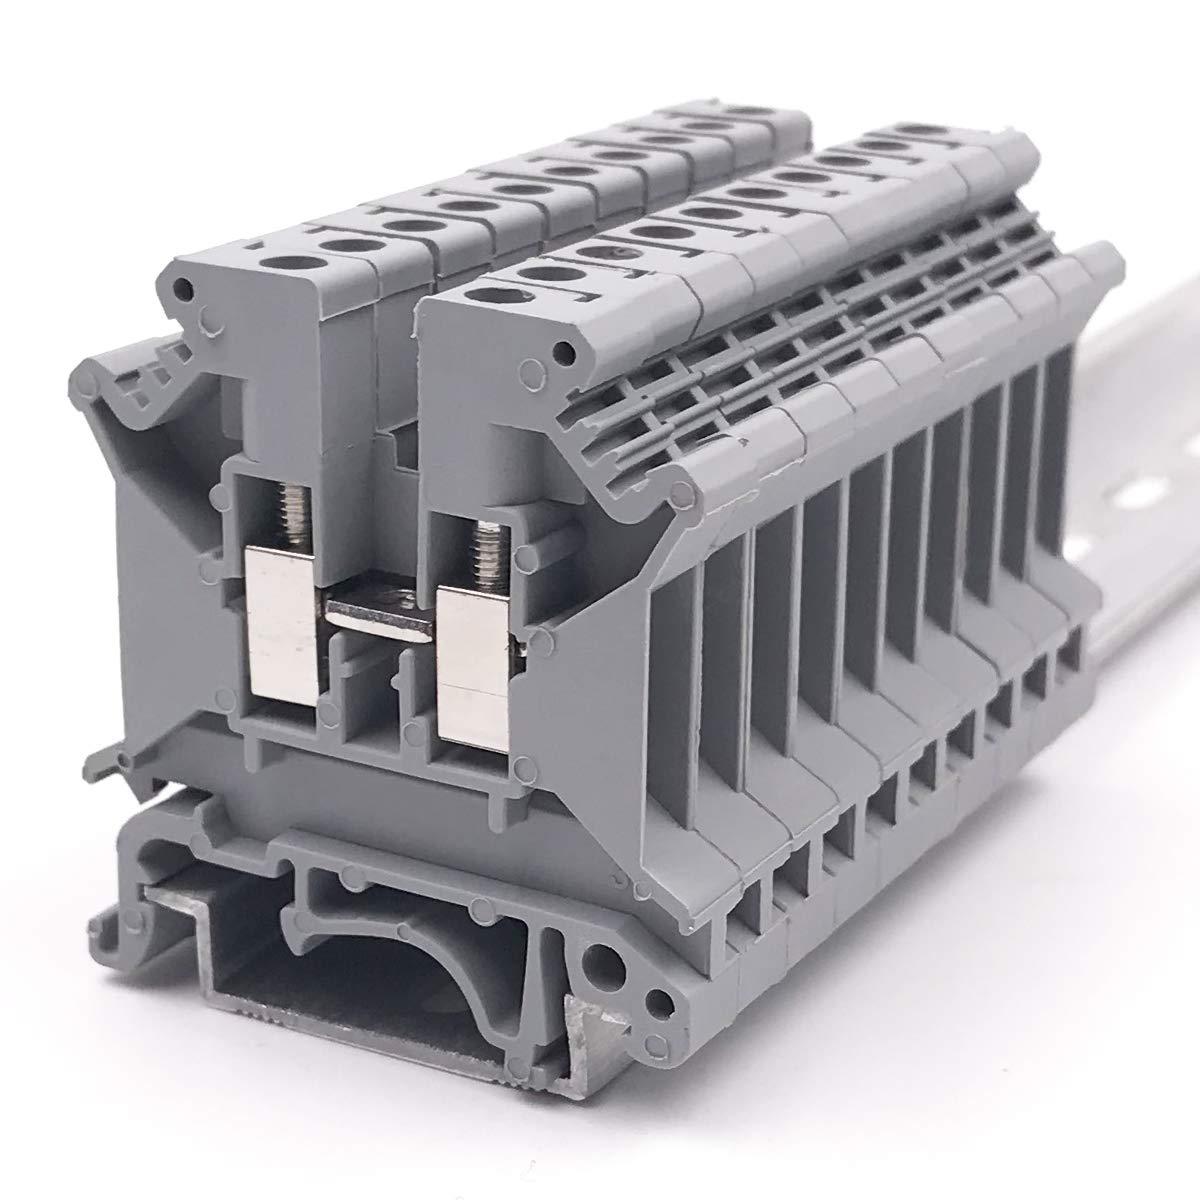 Erayco UK5N-GR DIN Rail Terminal Block, Screw Clamp, 600V 30A 30-10AWG, Pack of 100